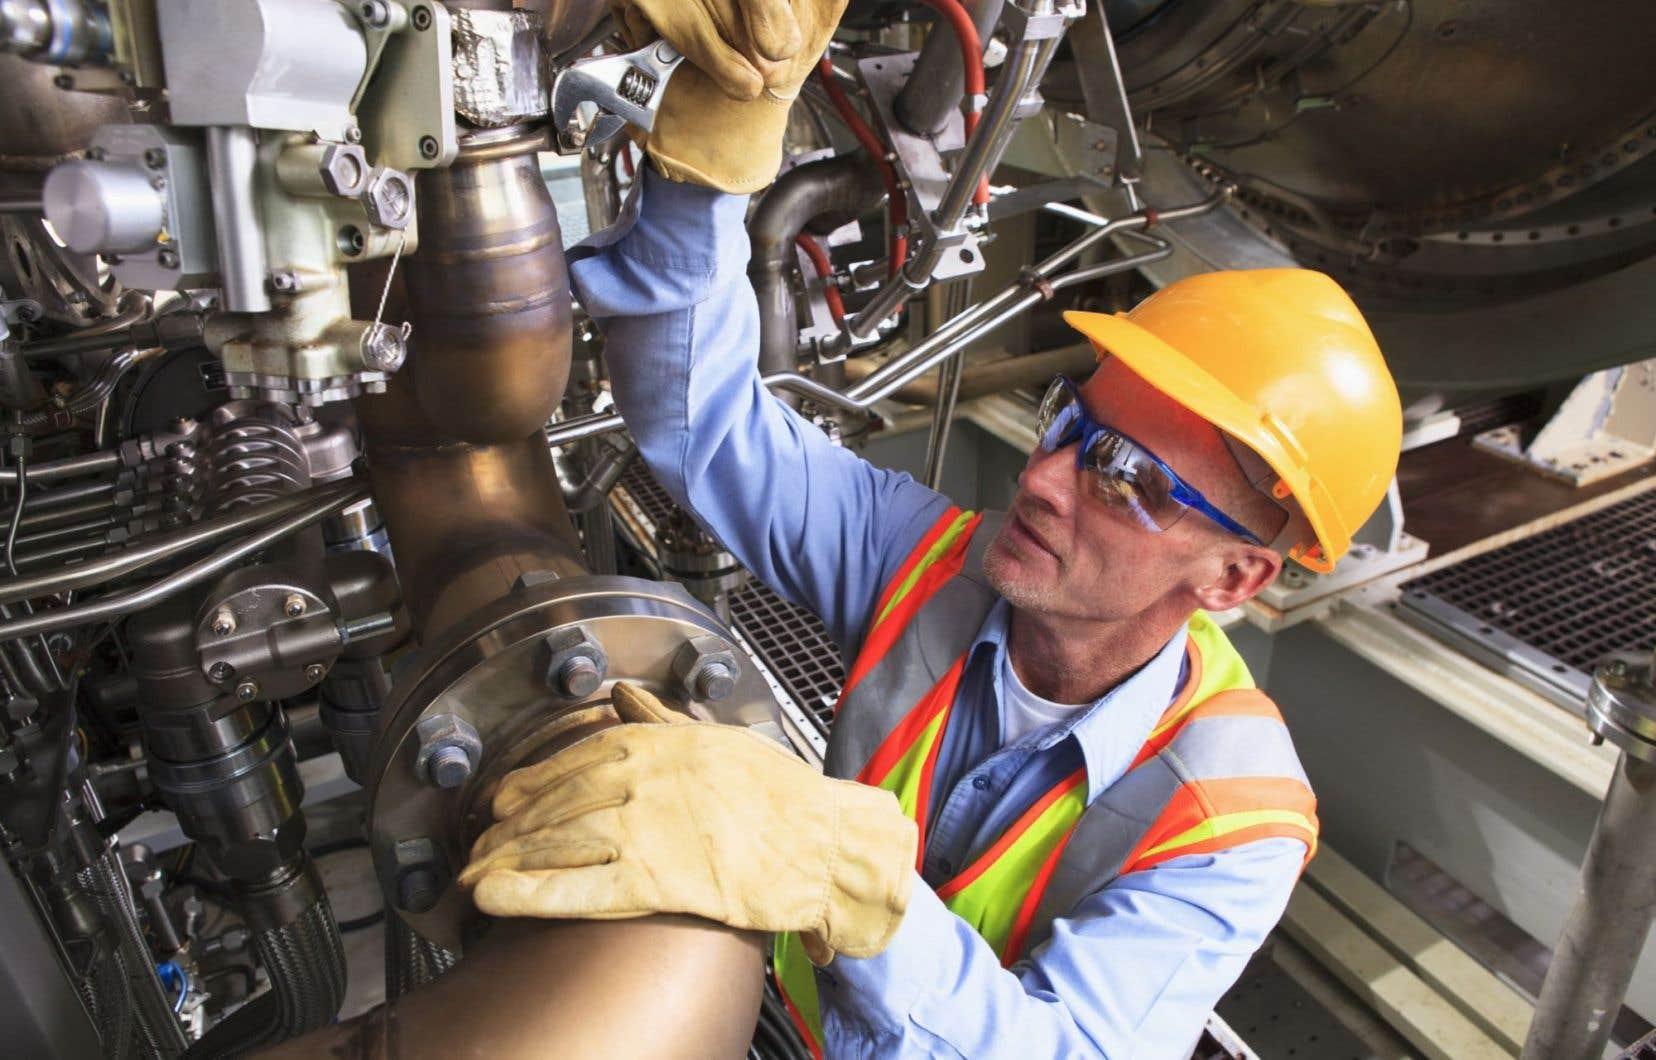 Le nombre d'emplois créés ou sauvegardés s'est élevé à 6983 selon Investissement Québec, en recul de 20 %. L'organisme a fait ressortir qu'il avait contribué à la réalisation de 62 projets d'investissements étrangers.